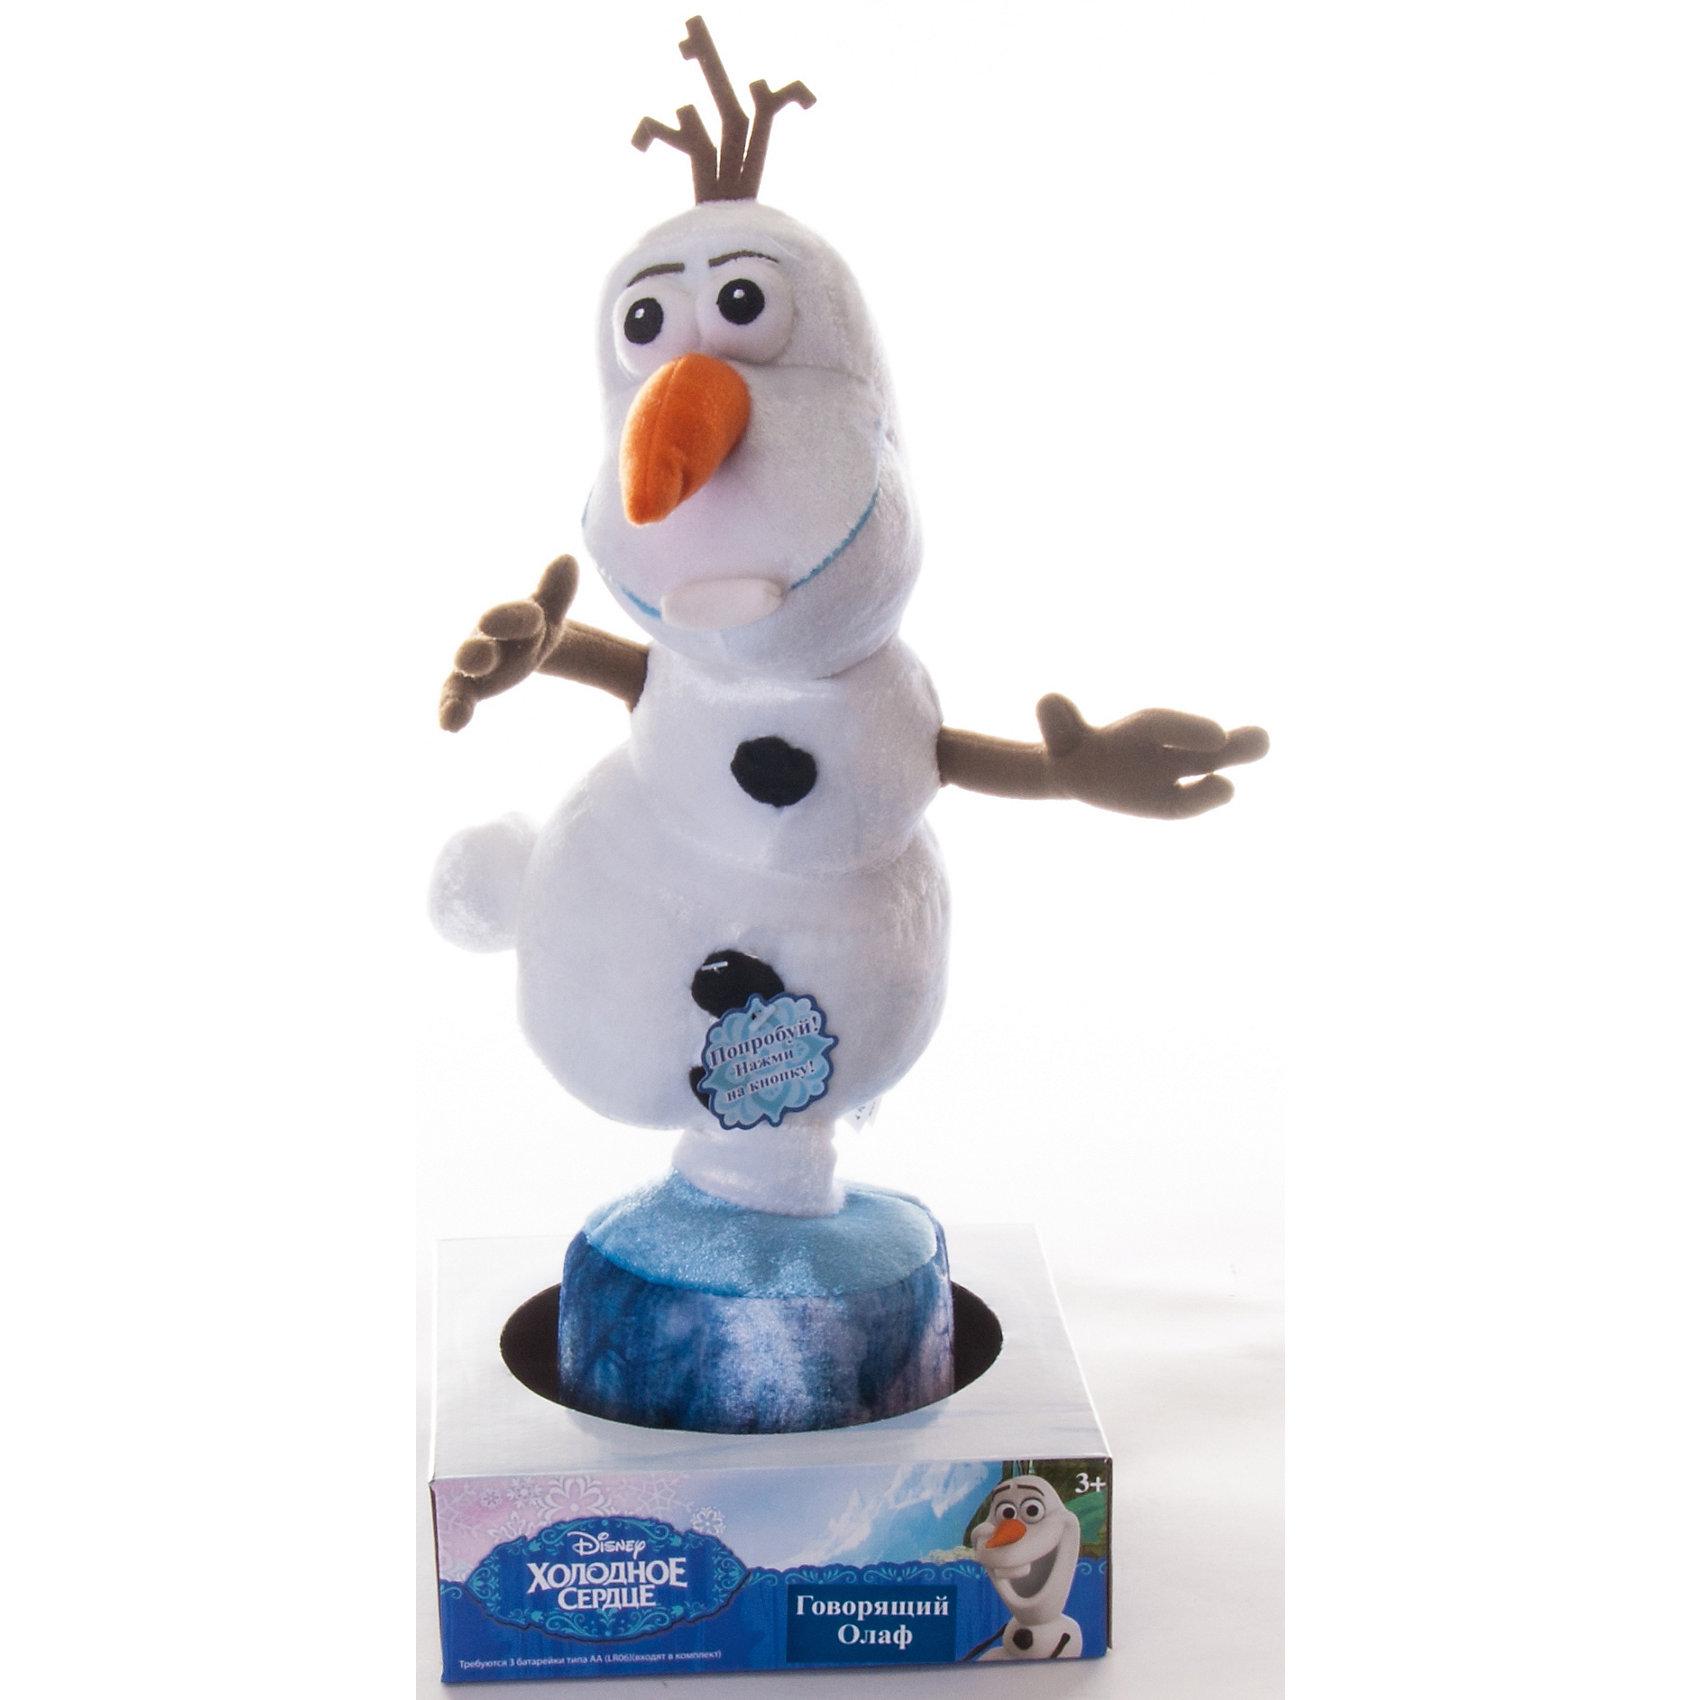 Disney Говорящий Олаф, Холодное сердце, 35 см.,  Disney игровые фигурки bullyland фигурка принцесса дисней холодное сердце снеговик олаф 4 5 см